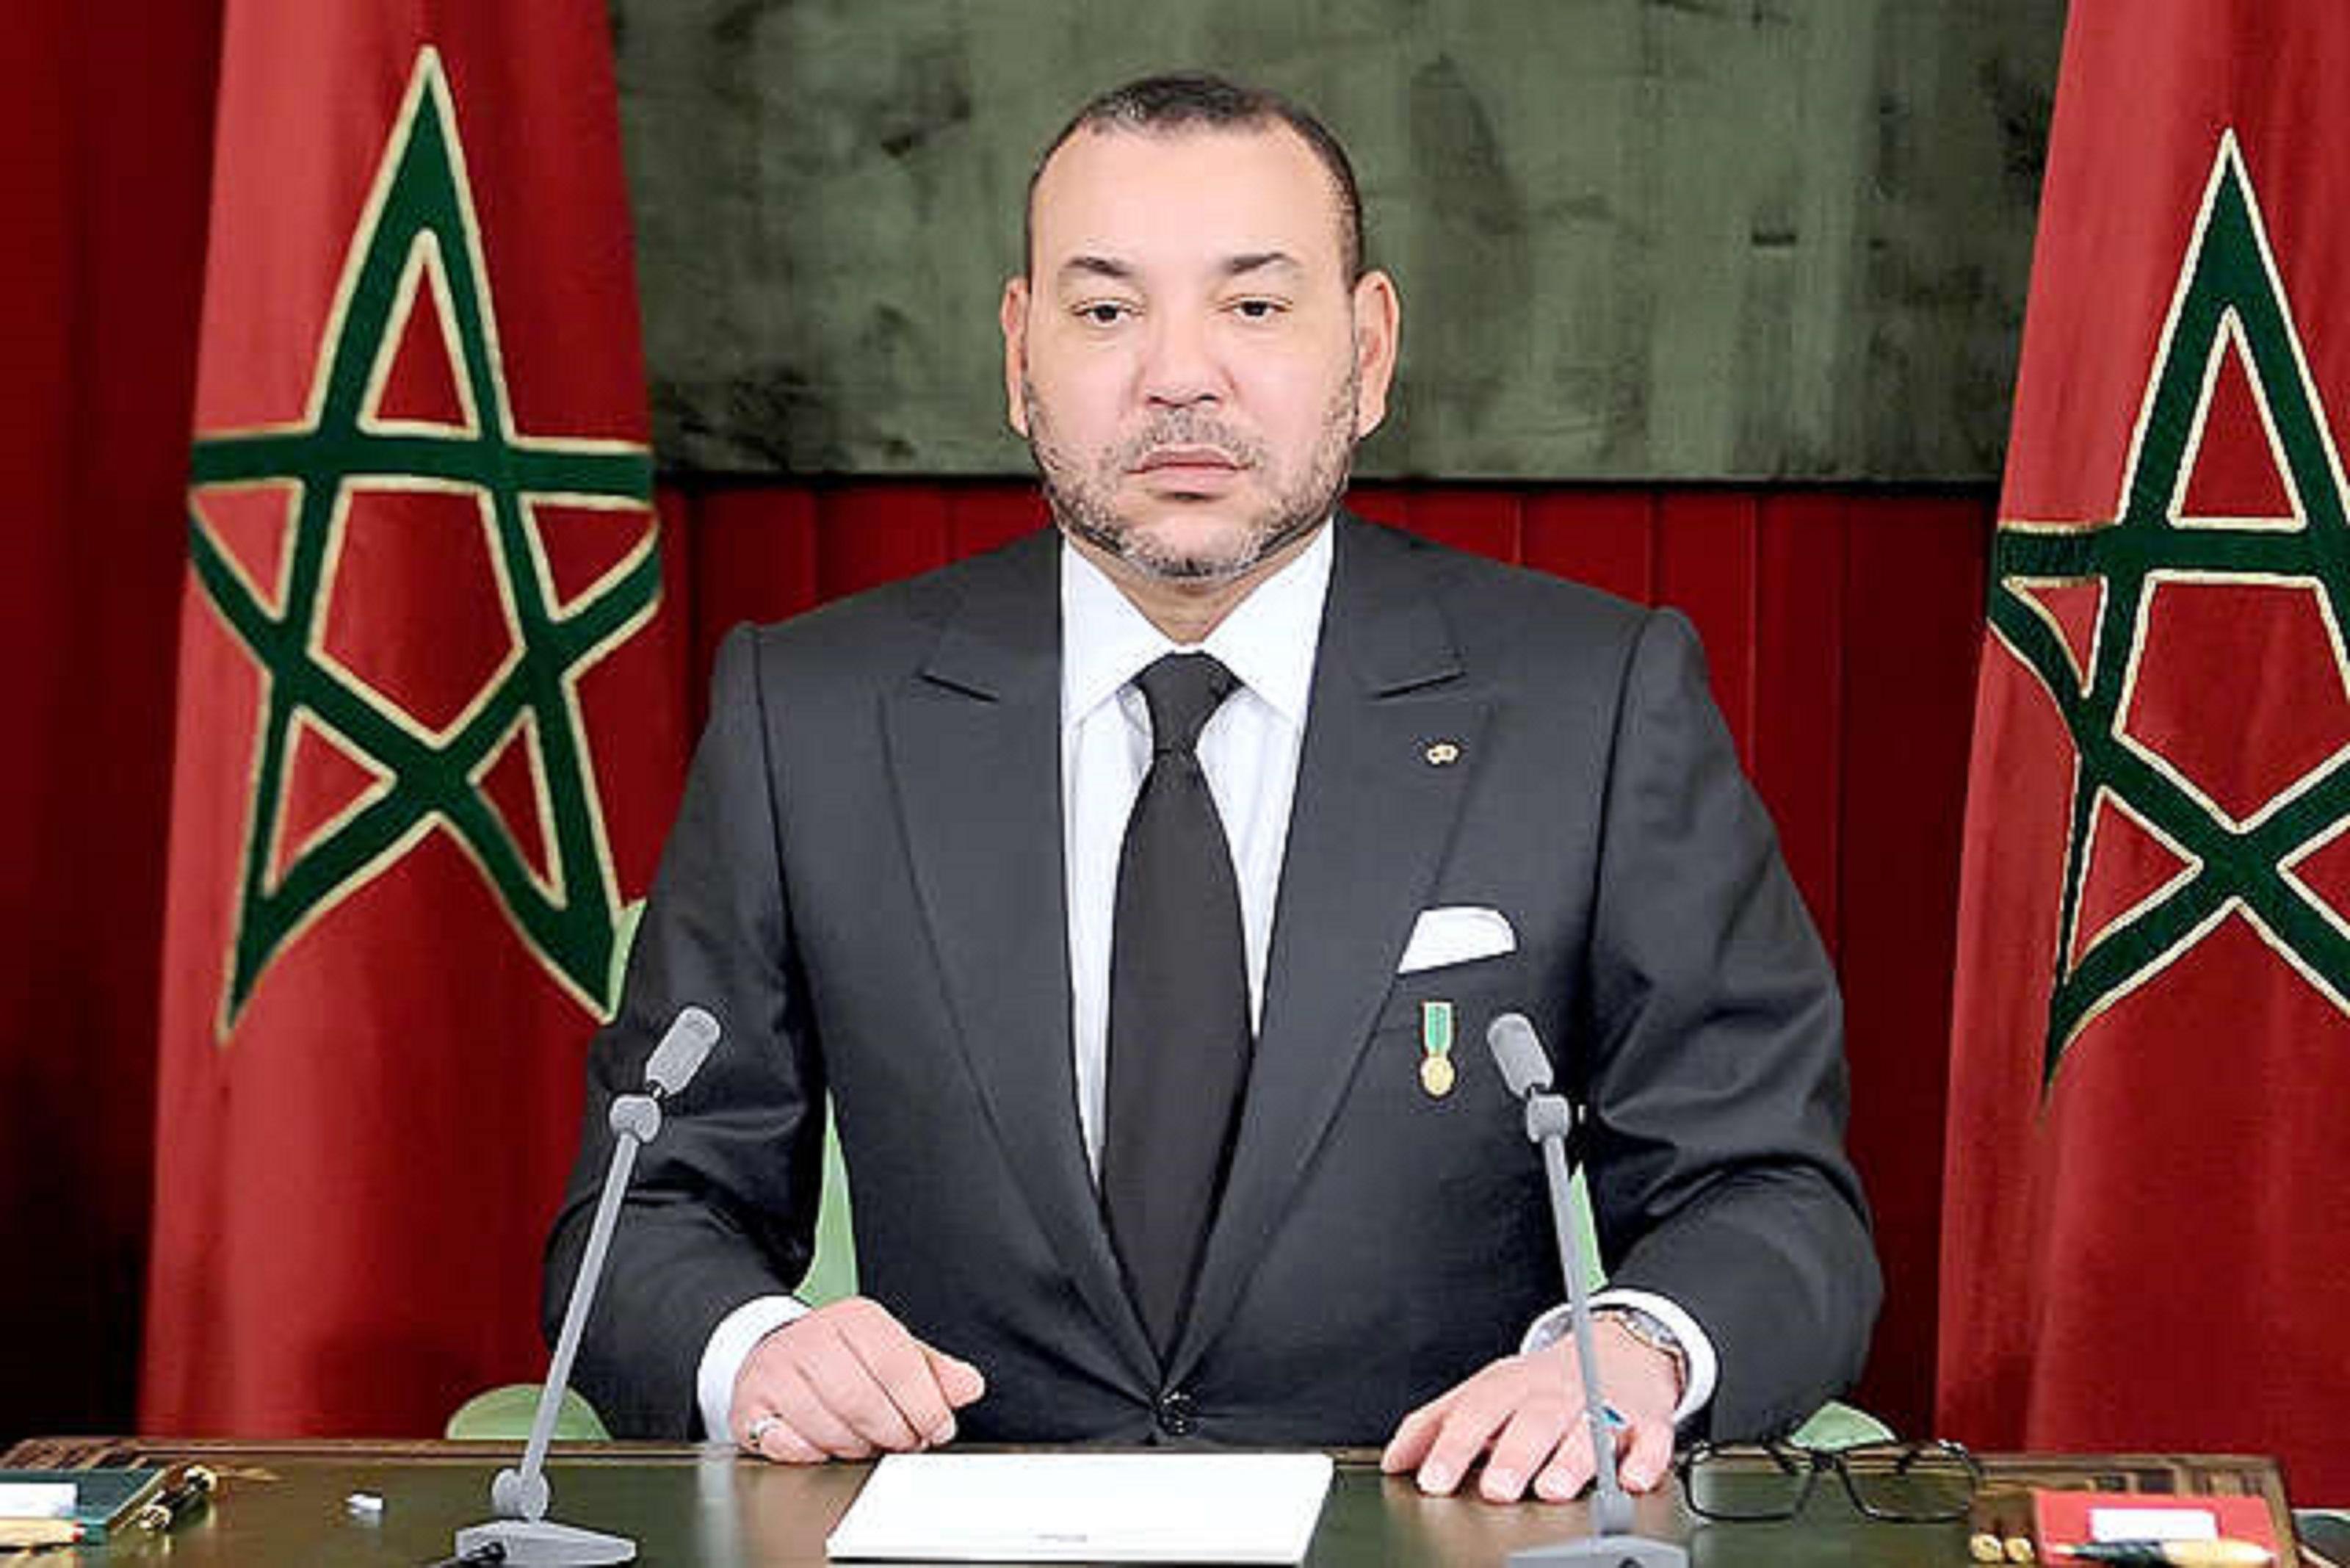 العاهل المغربى يعين وزيرا جديدا للاقتصاد والمالية